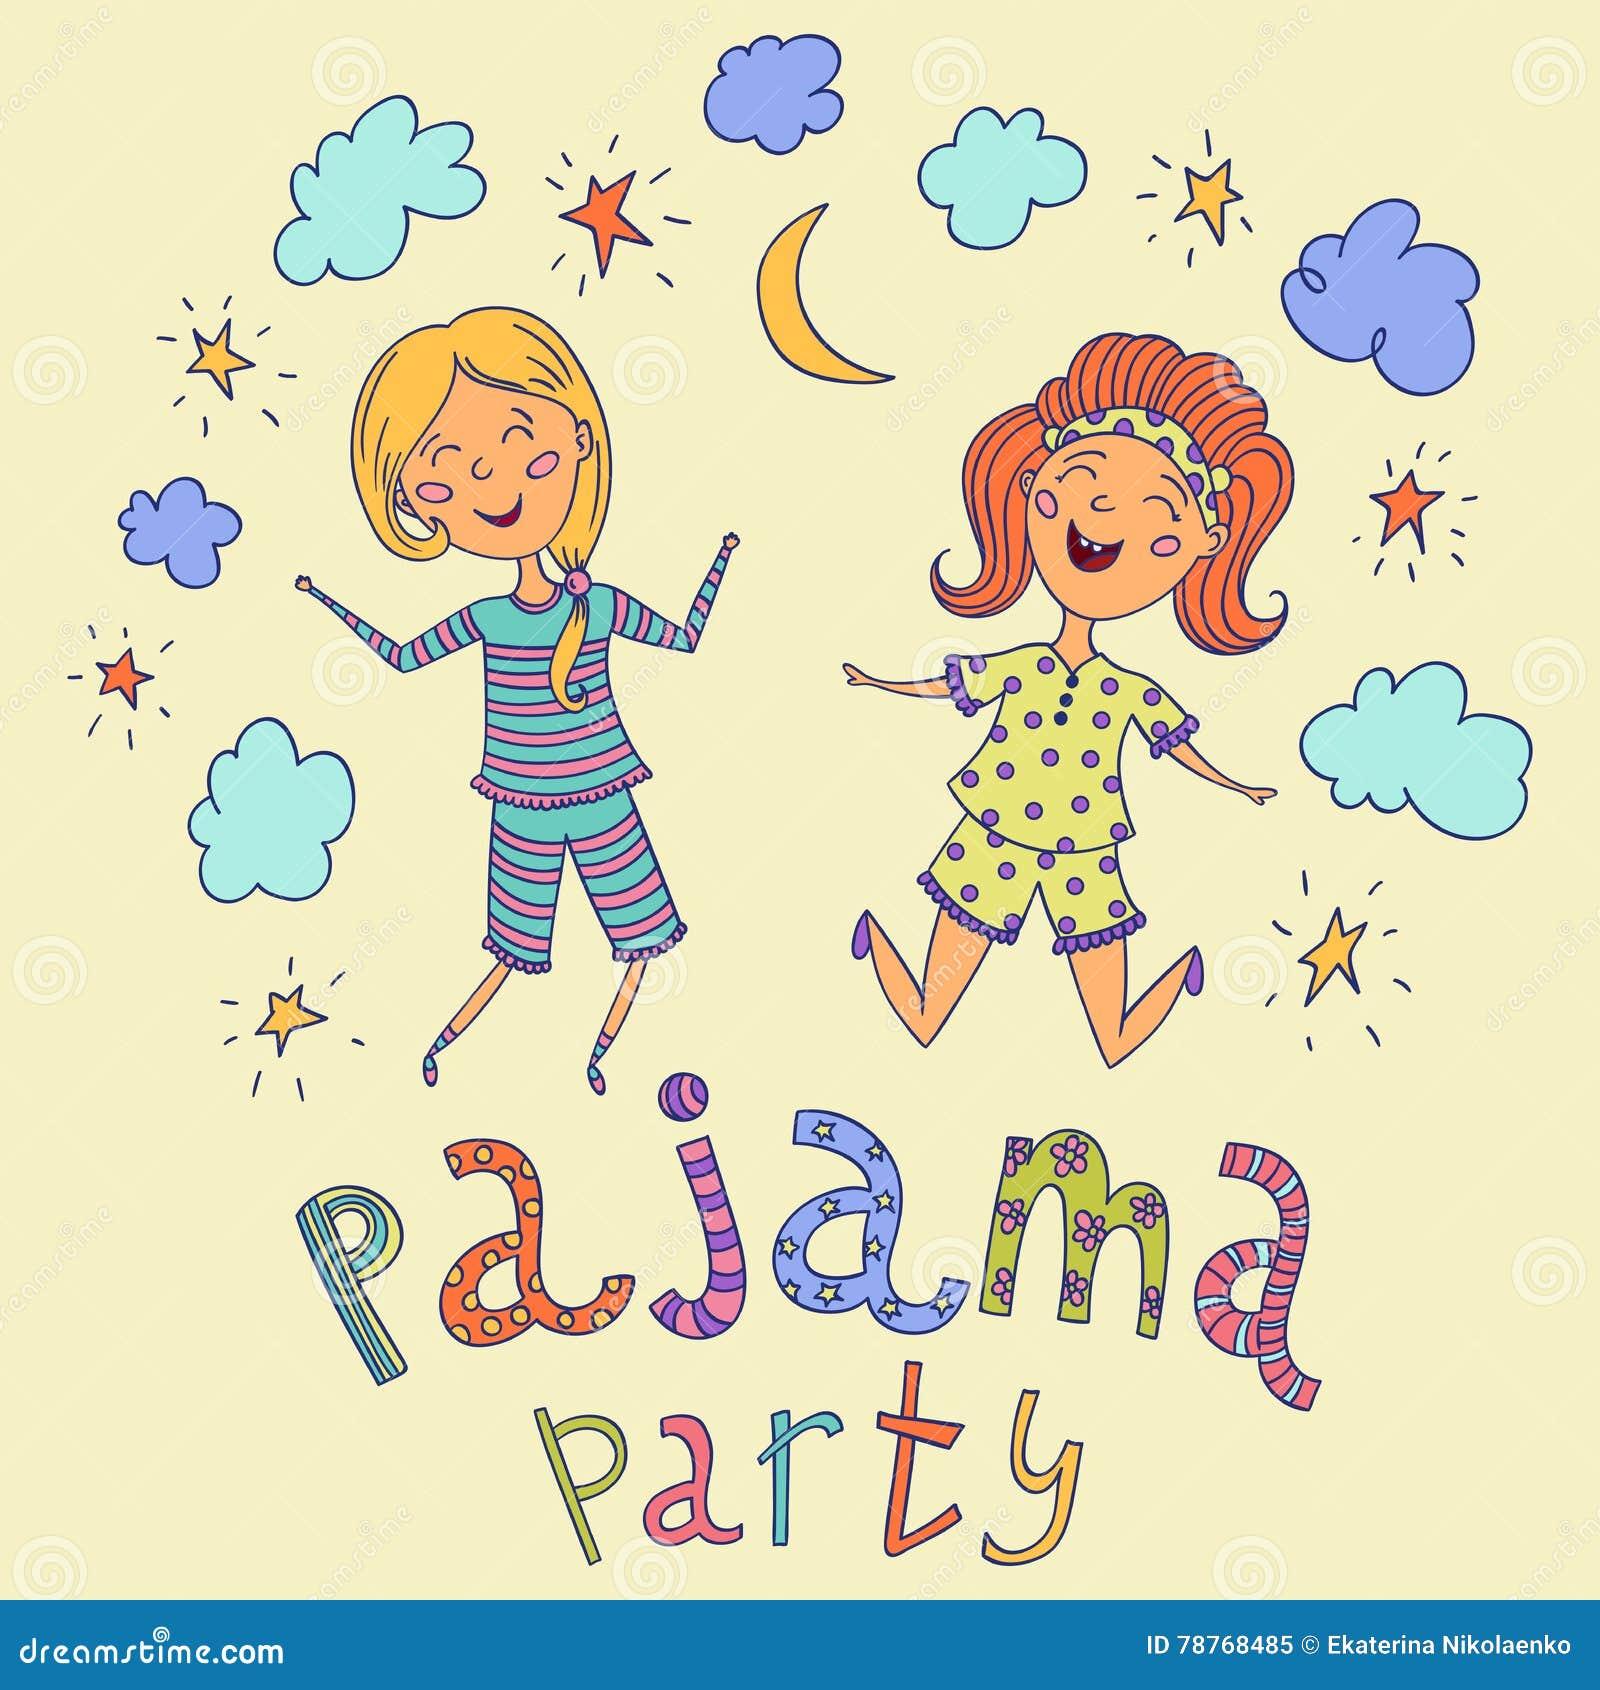 Conosciuto Pigiama Party Bambini Divertenti Ed Iscrizione Disegnata A Mano  AC11